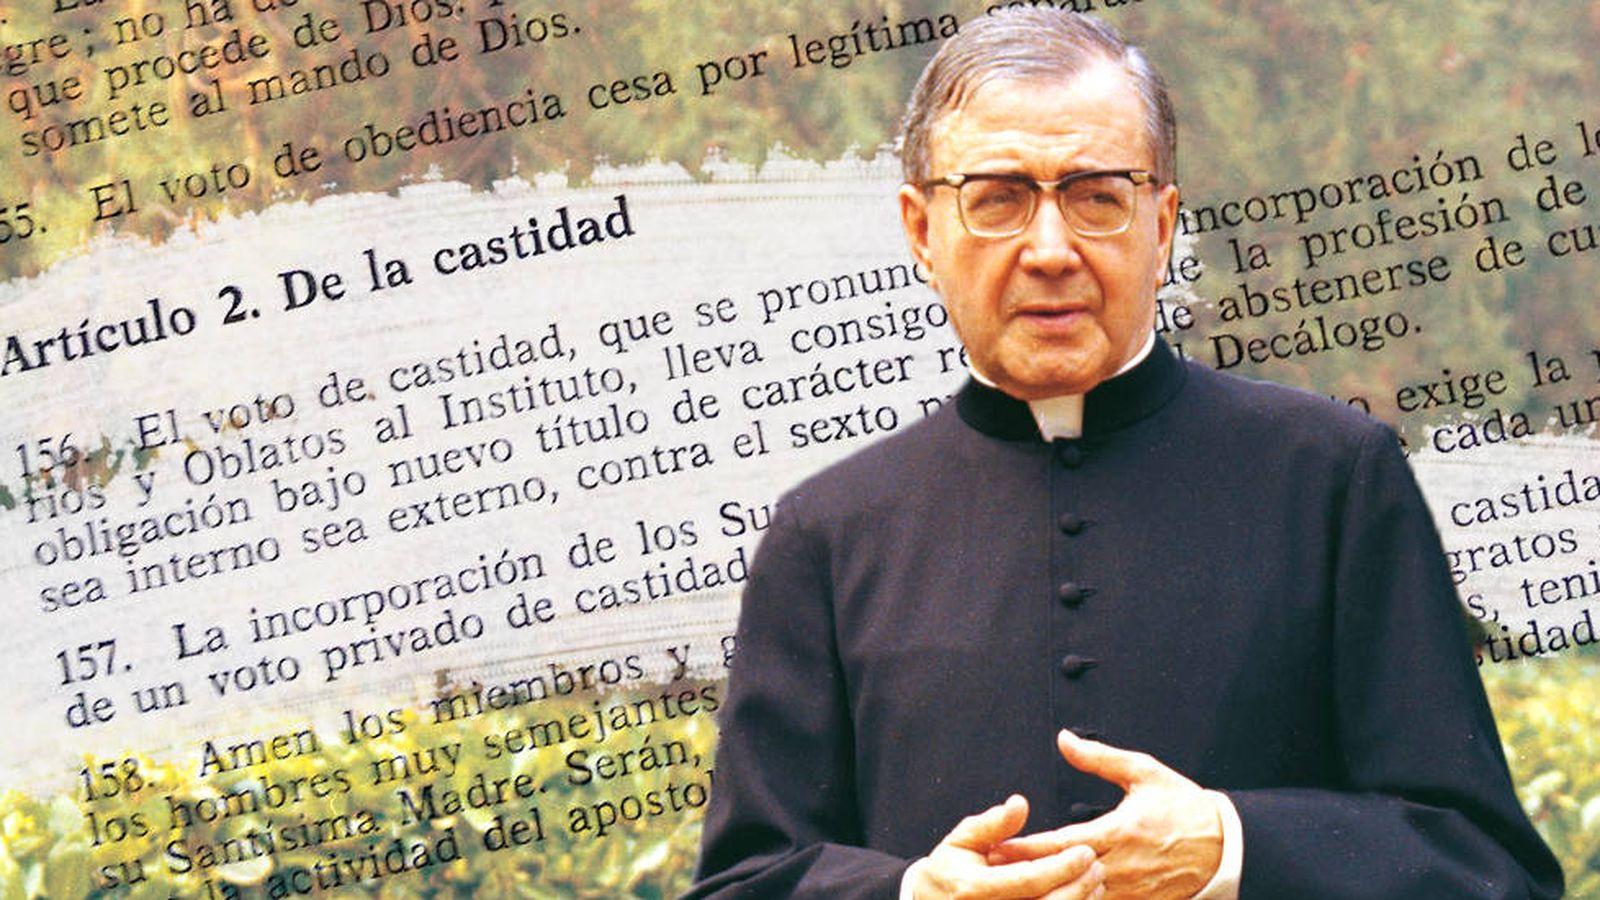 Libros: Los papeles secretos del Opus Dei: de las confidencias salvajes a  la maleta del 23-F